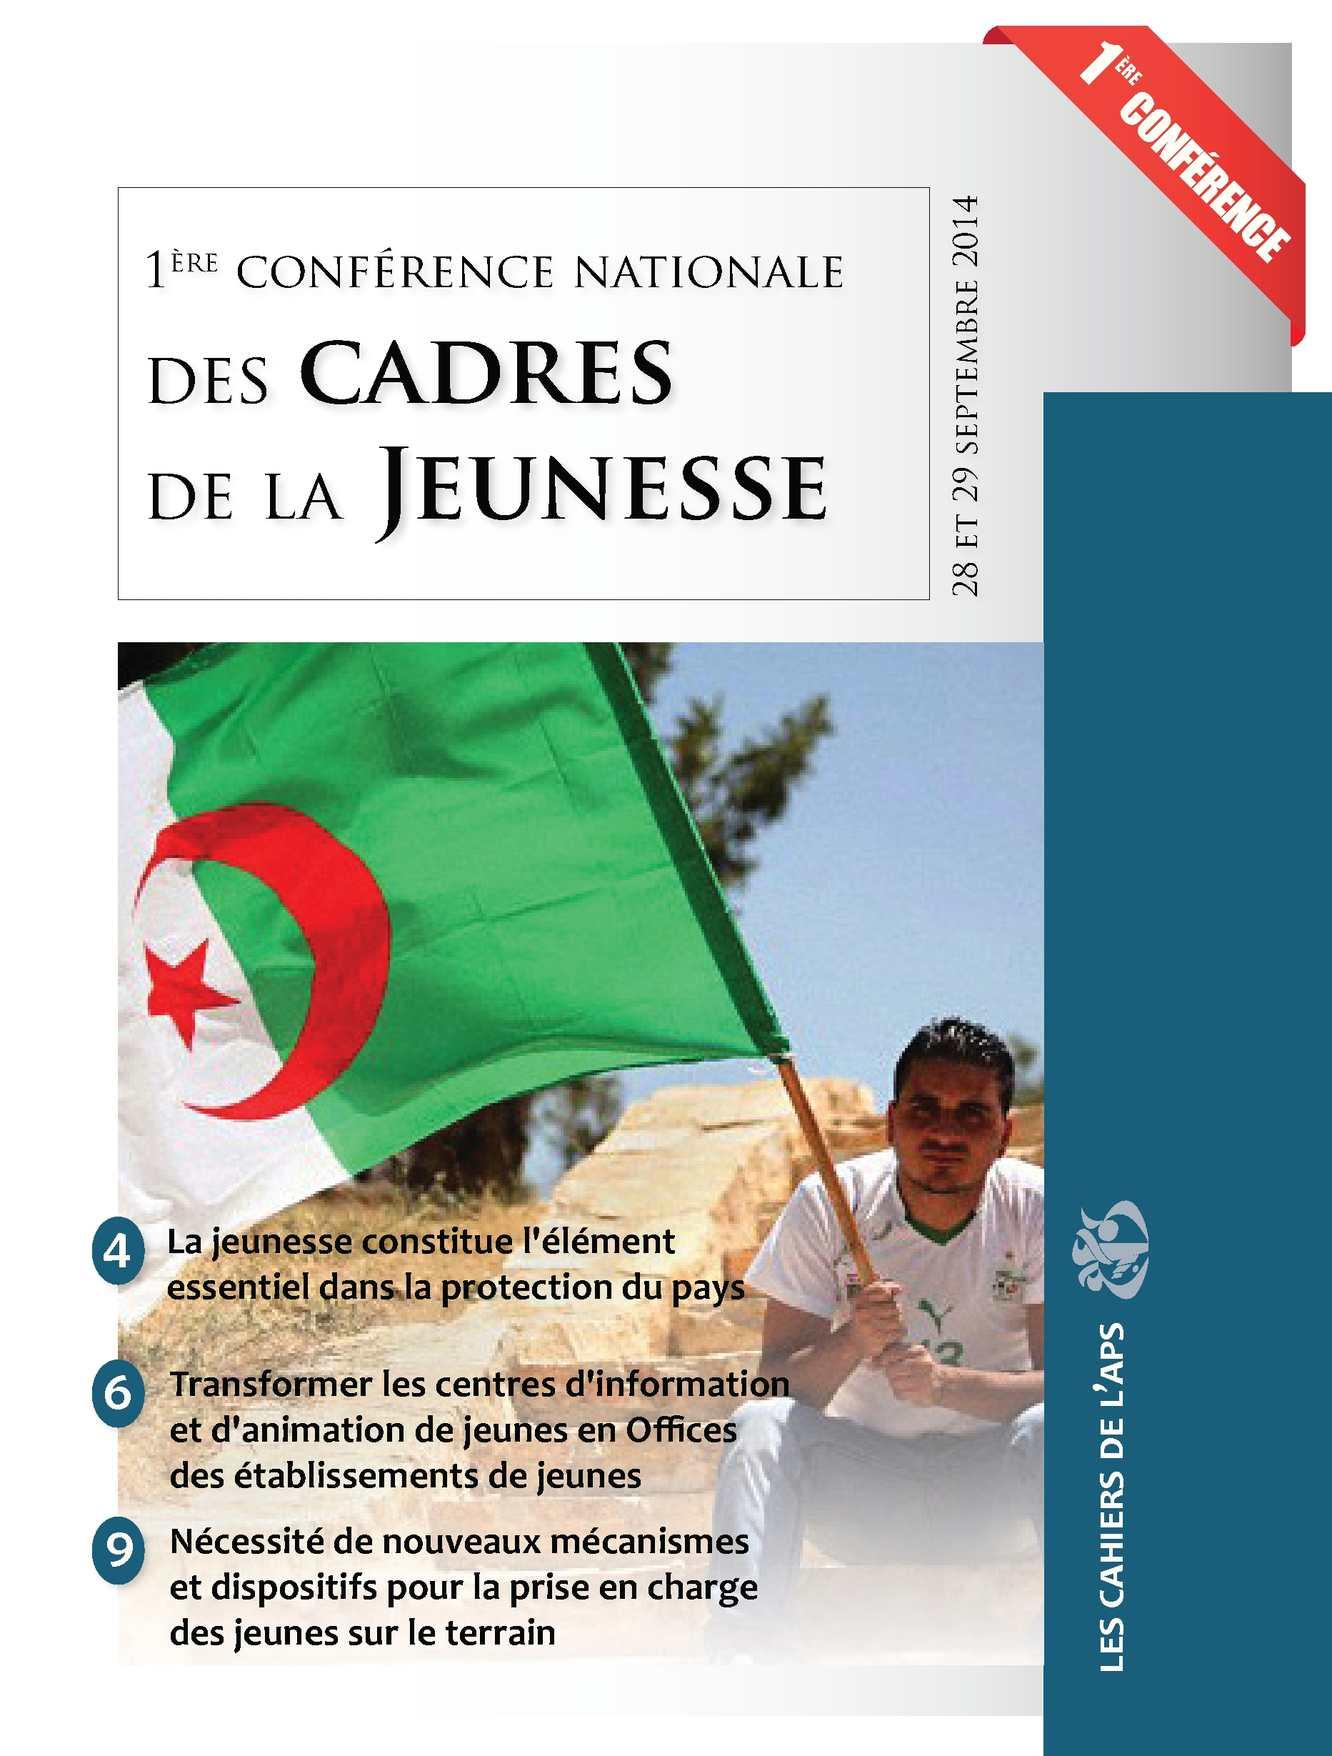 Calameo 1ere Conference Nationale Des Cadres De La Jeunesse